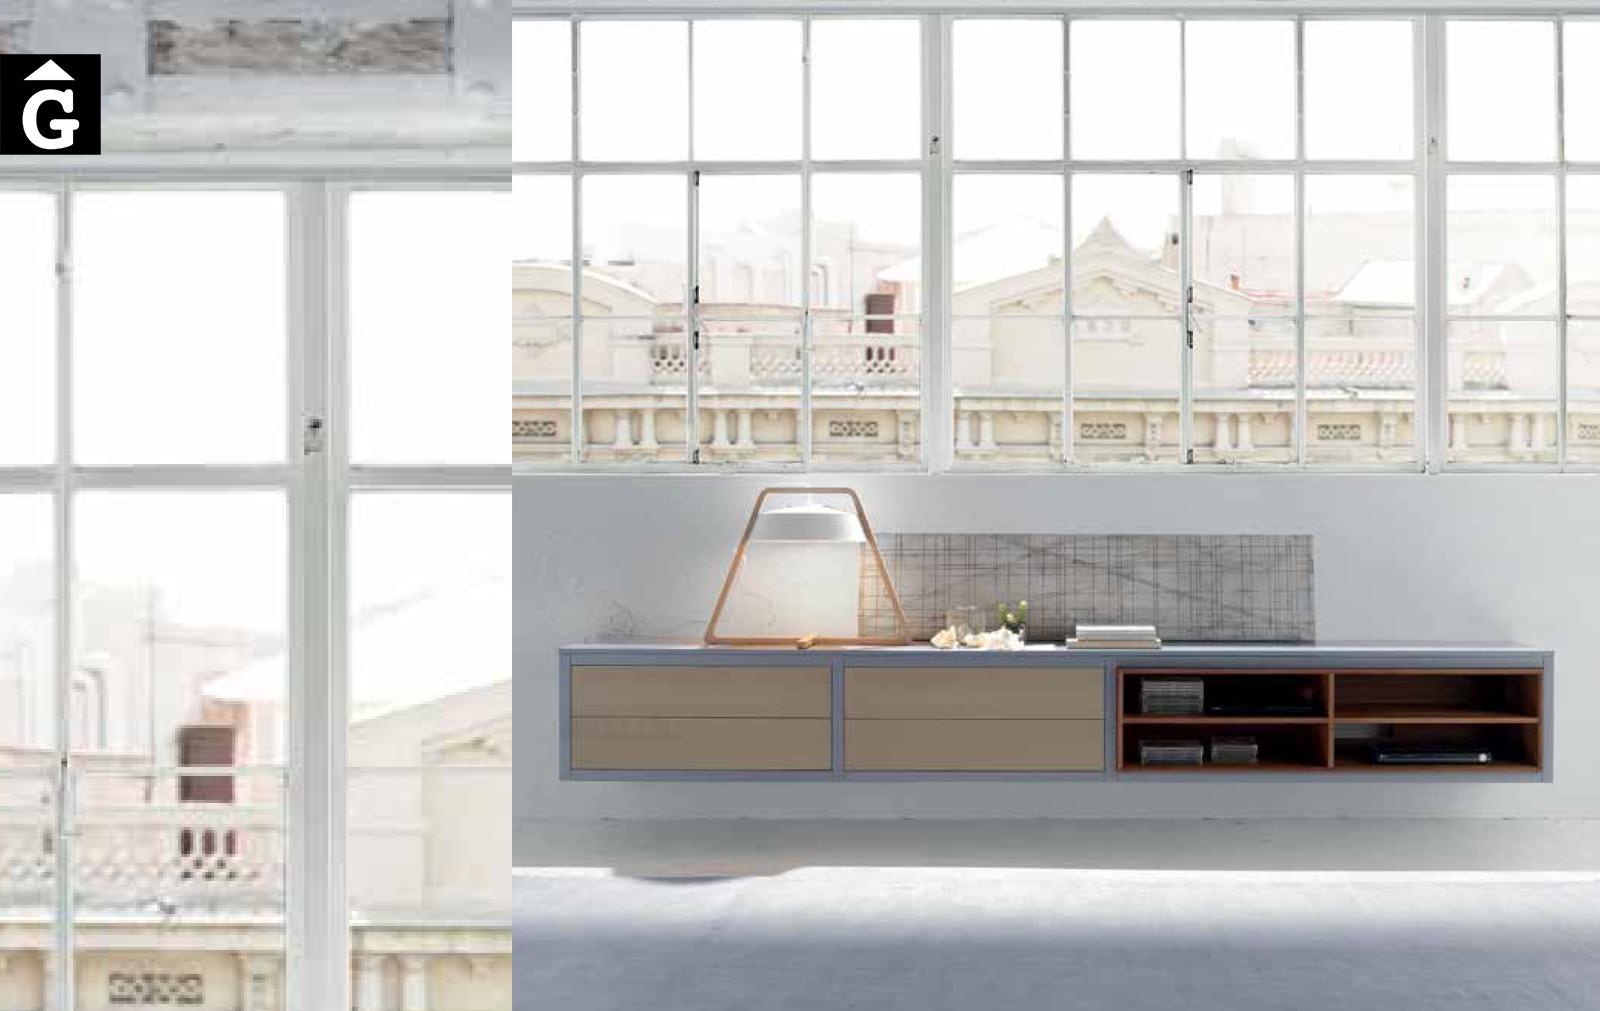 Moble aparador a paret 9 Loyra muebles by mobles Gifreu Idees per la llar moble de qualitat